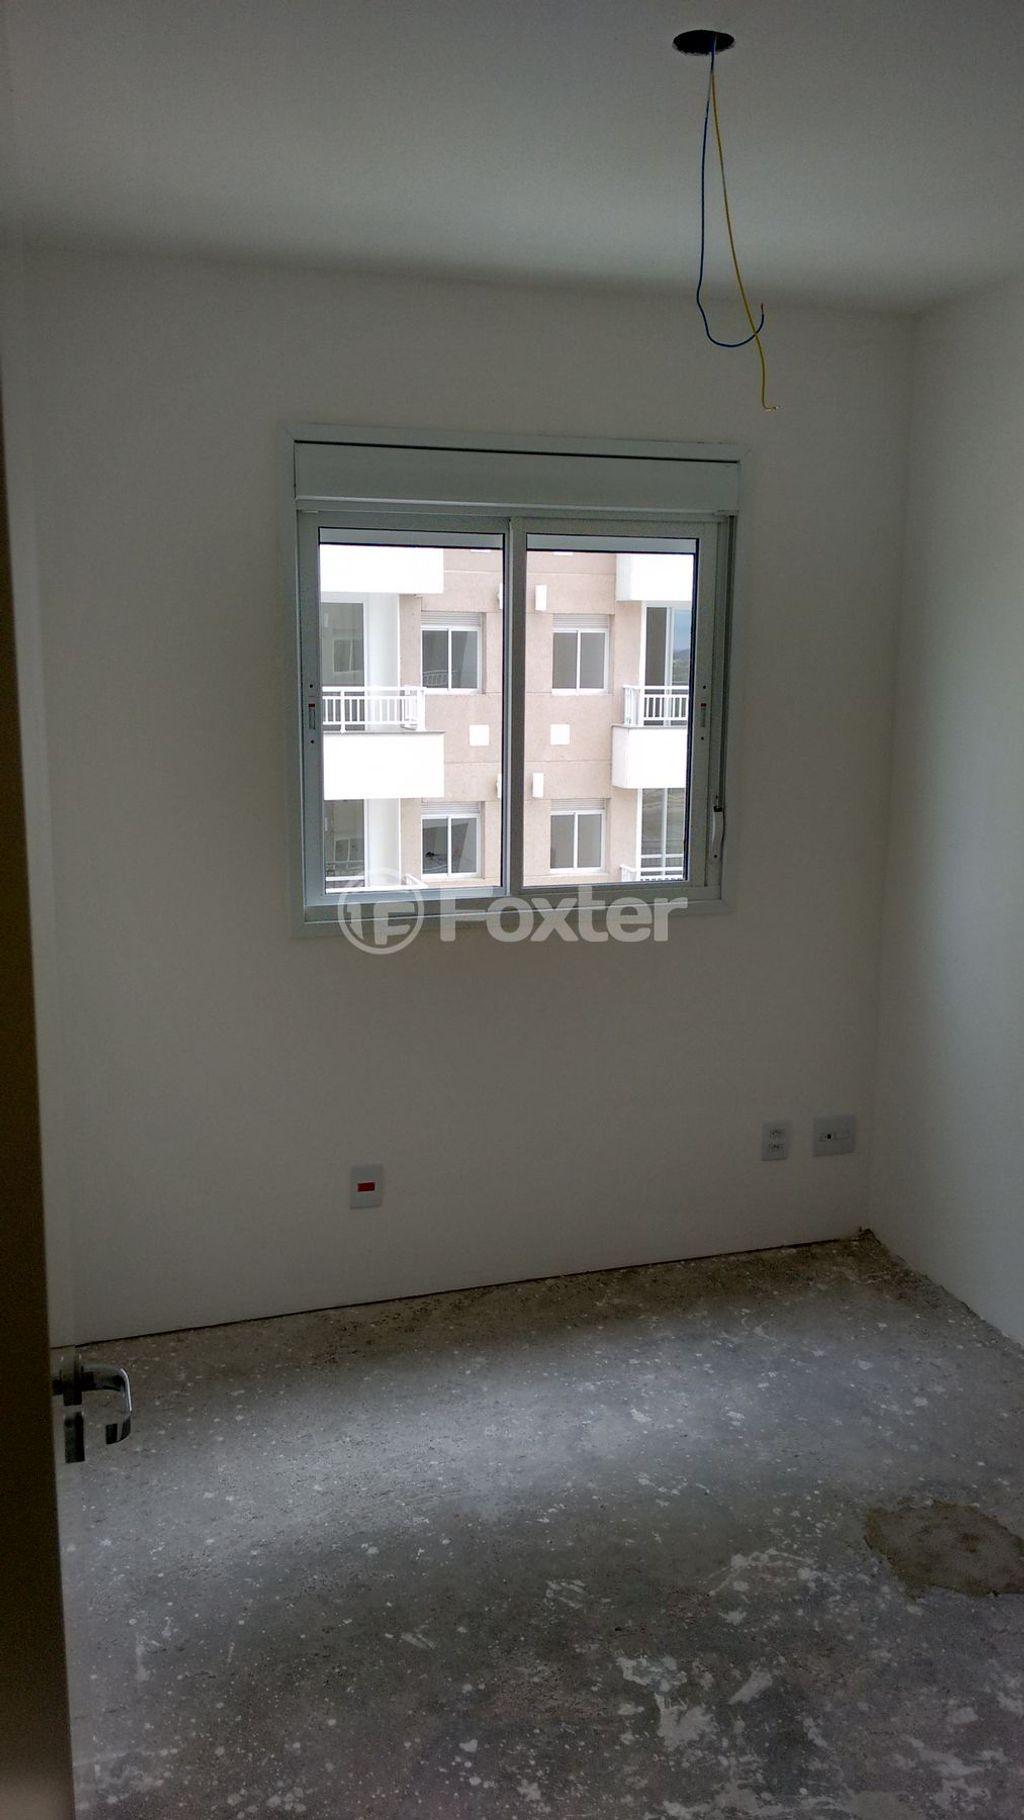 Foxter Imobiliária - Apto 1 Dorm, Humaitá (124944) - Foto 12